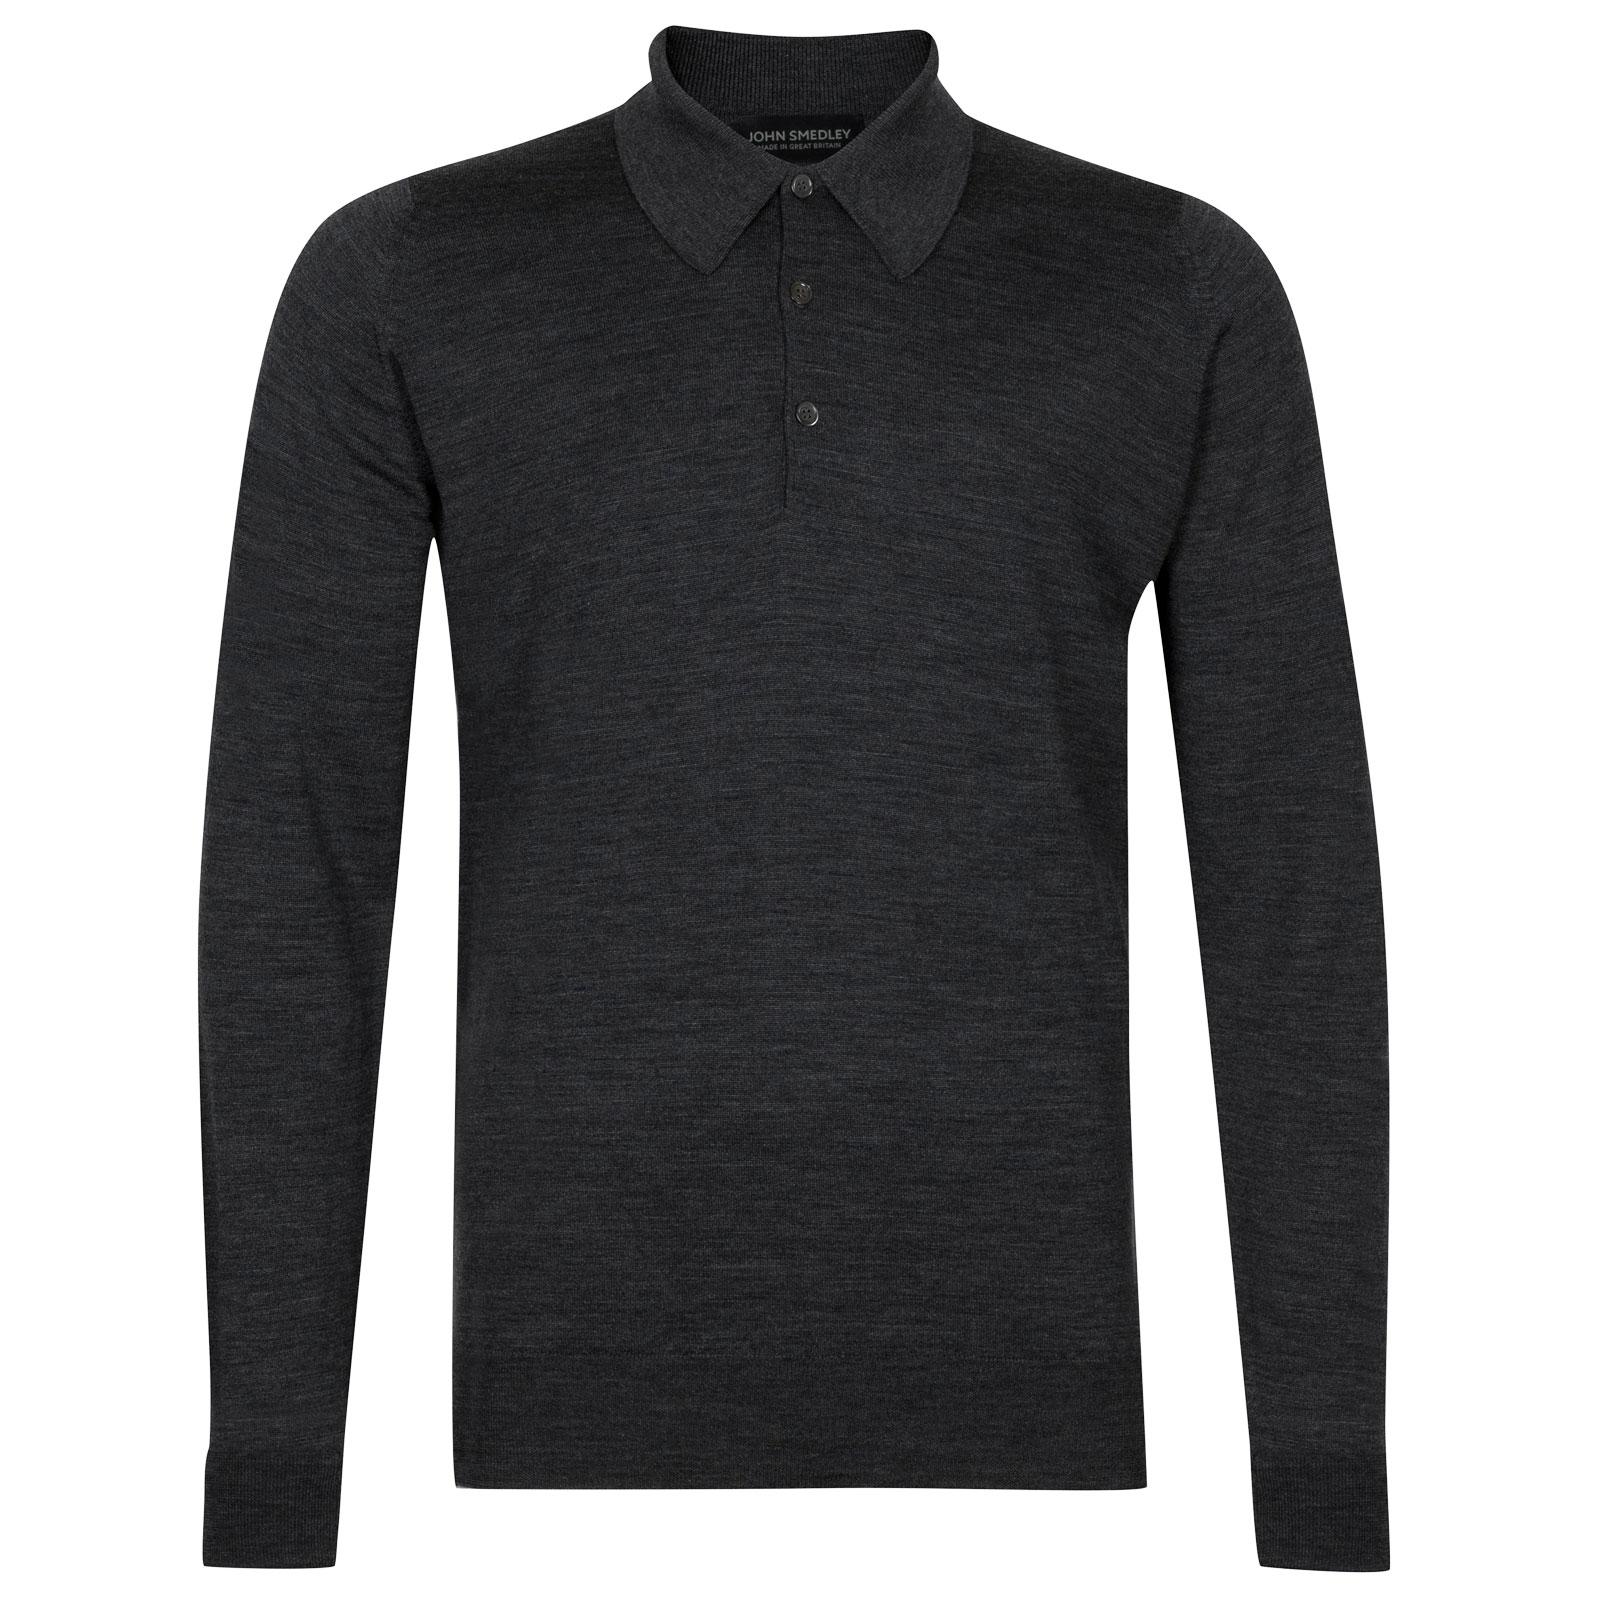 John Smedley dorset Merino Wool Shirt in Charcoal-XS